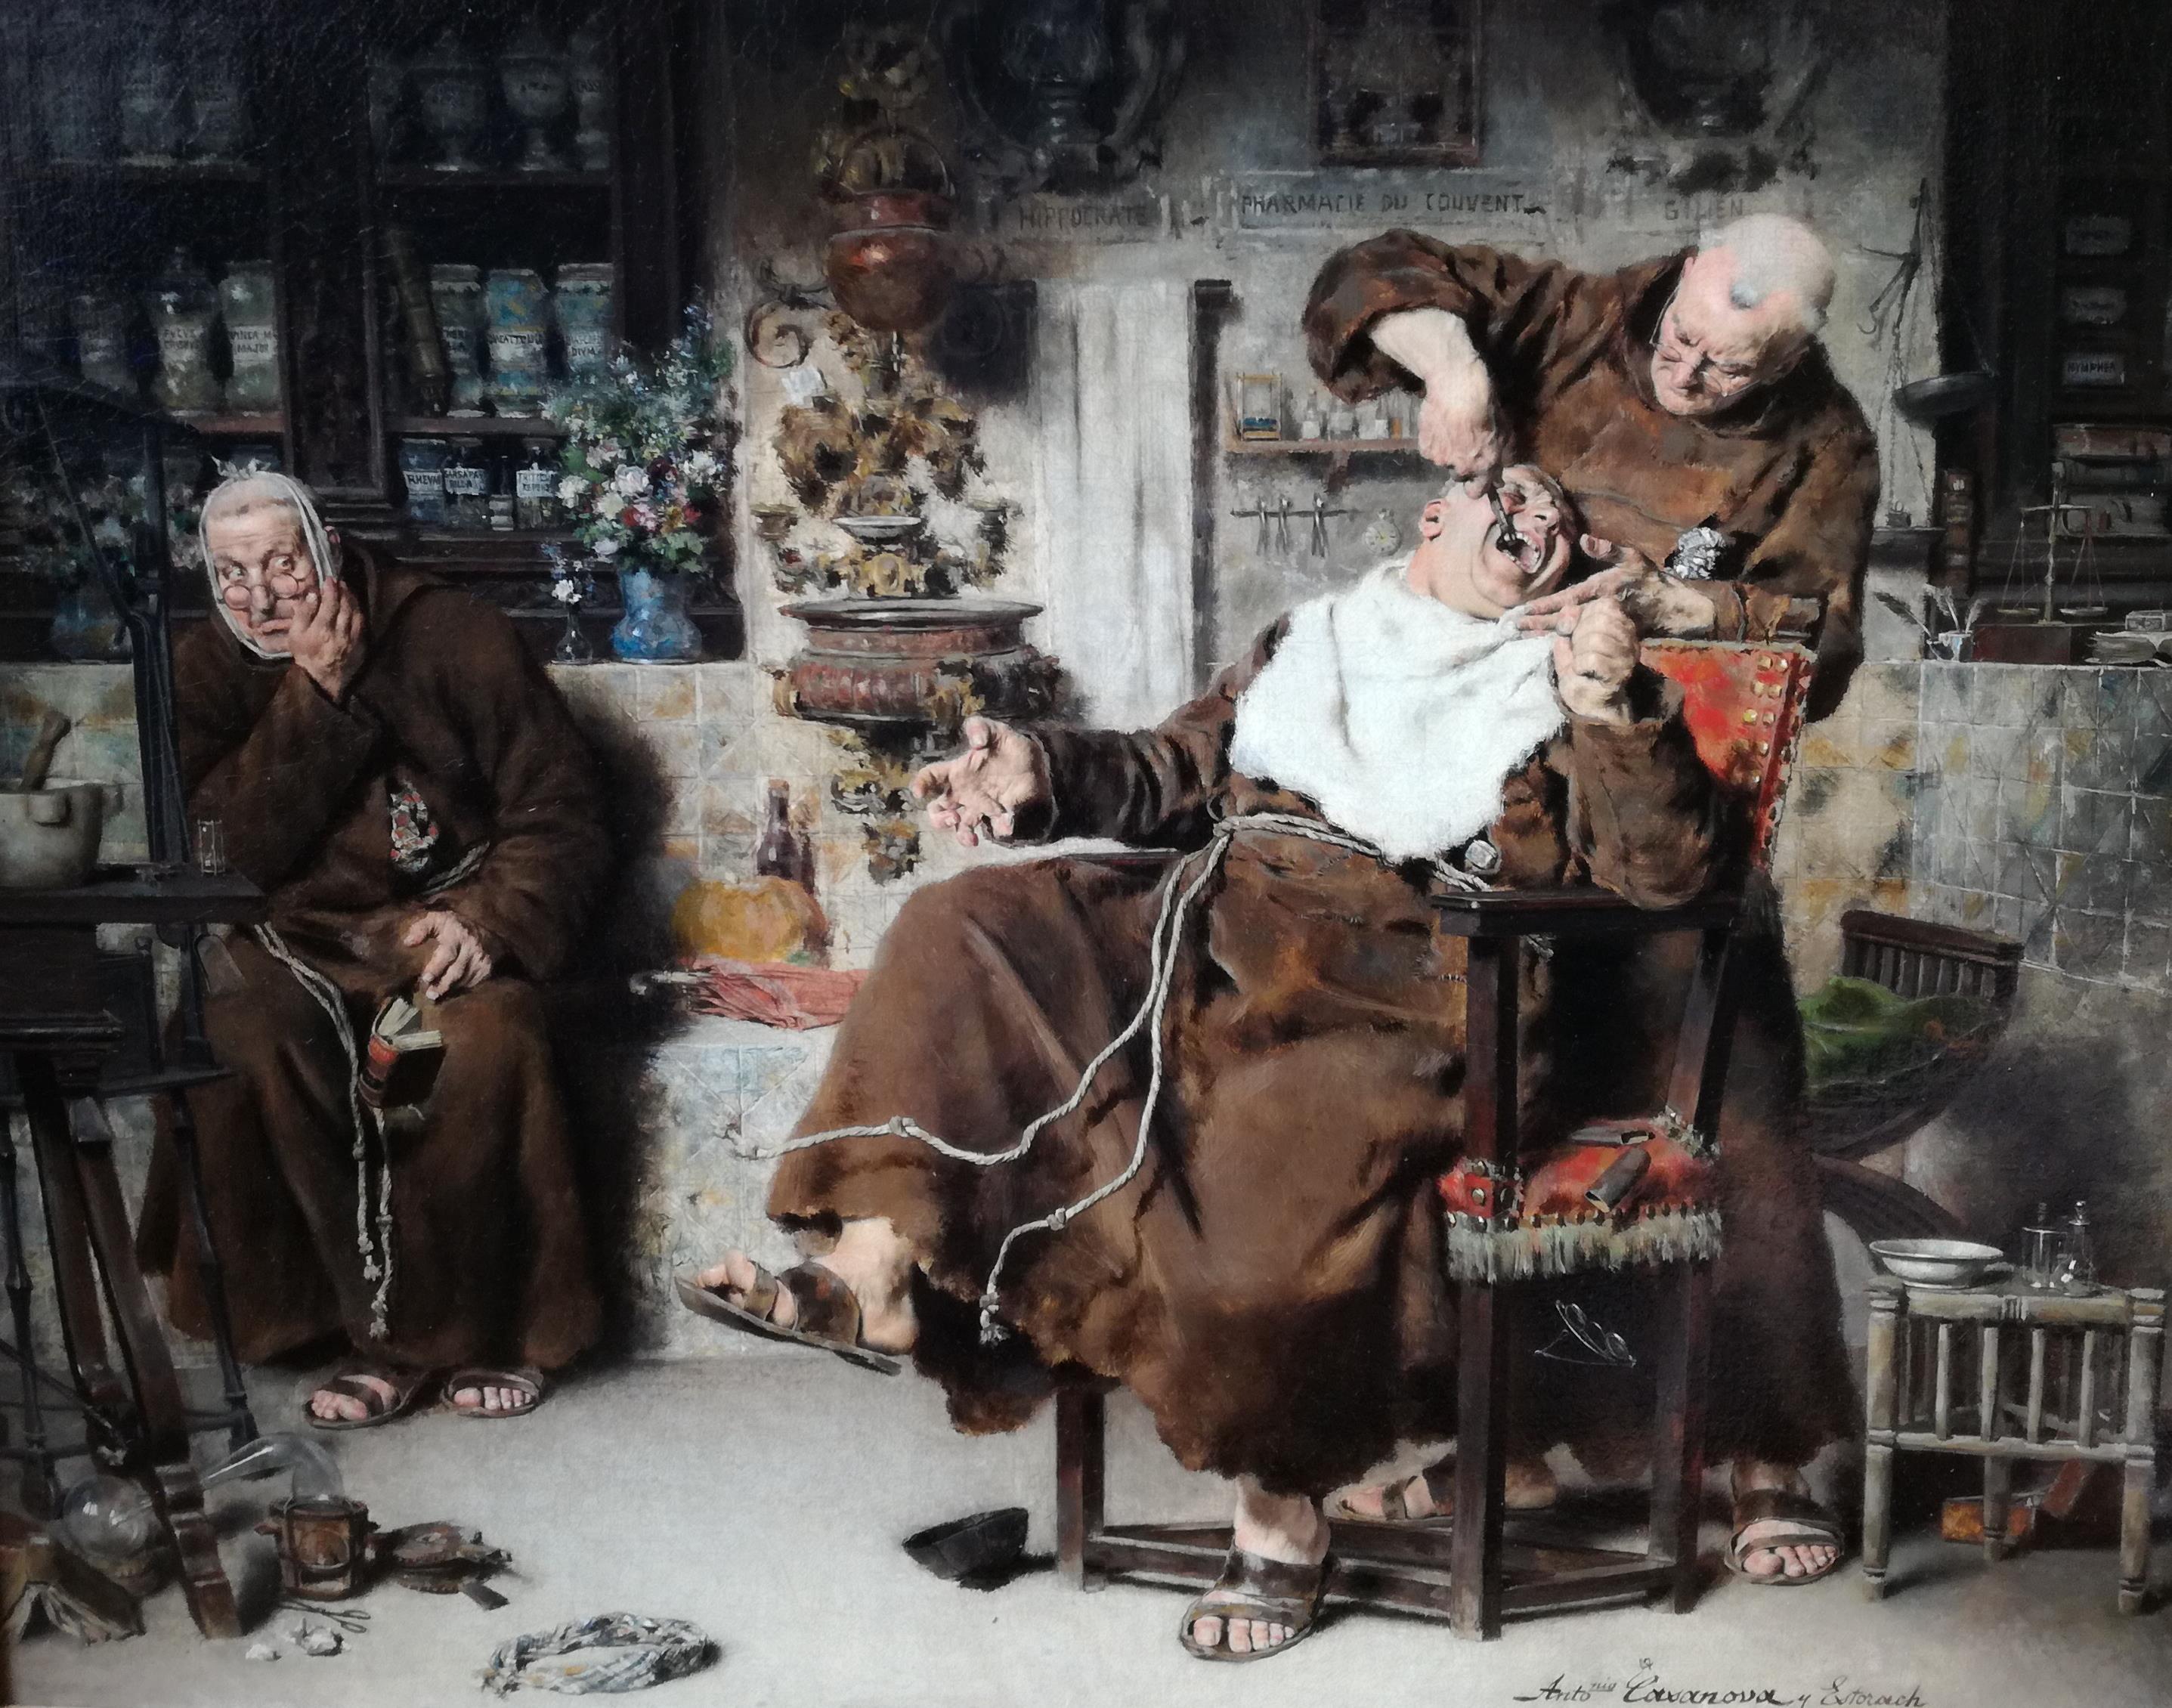 Antoni Casanova Estorach, Dentista Franciscà, 1881. Col·lecció particular